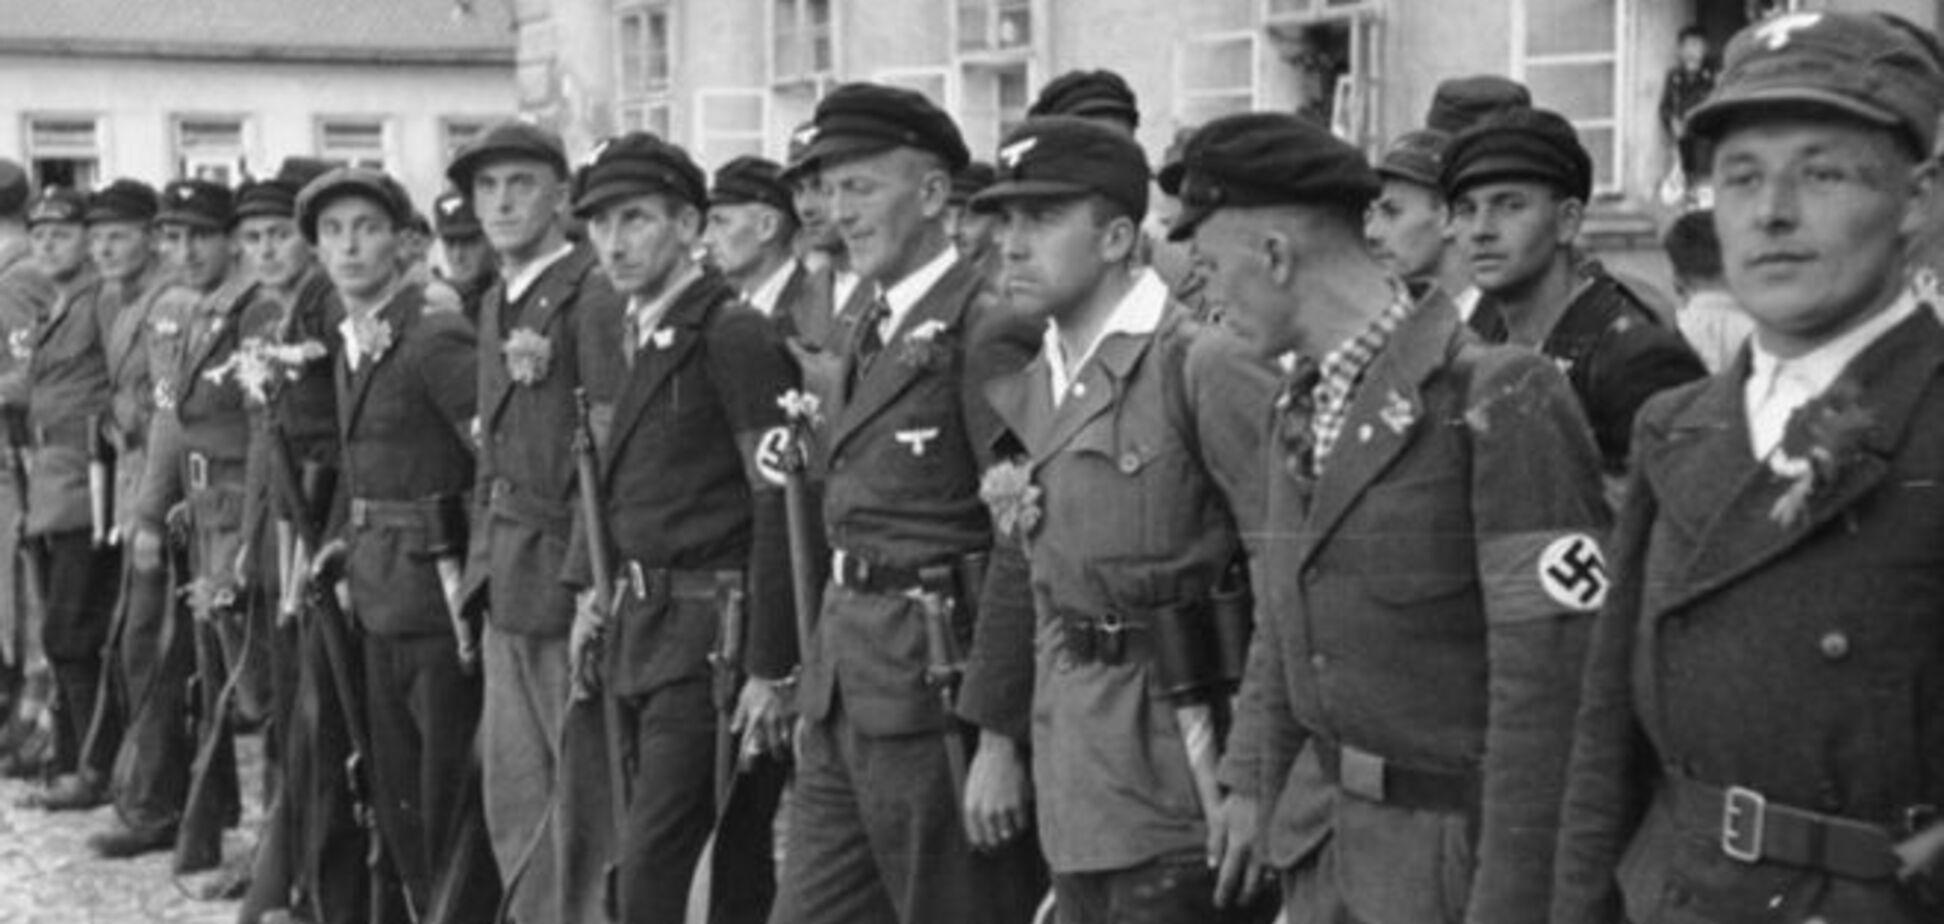 'Фюрер! Введи войска!': как накликали на себя беду немцы Силезии